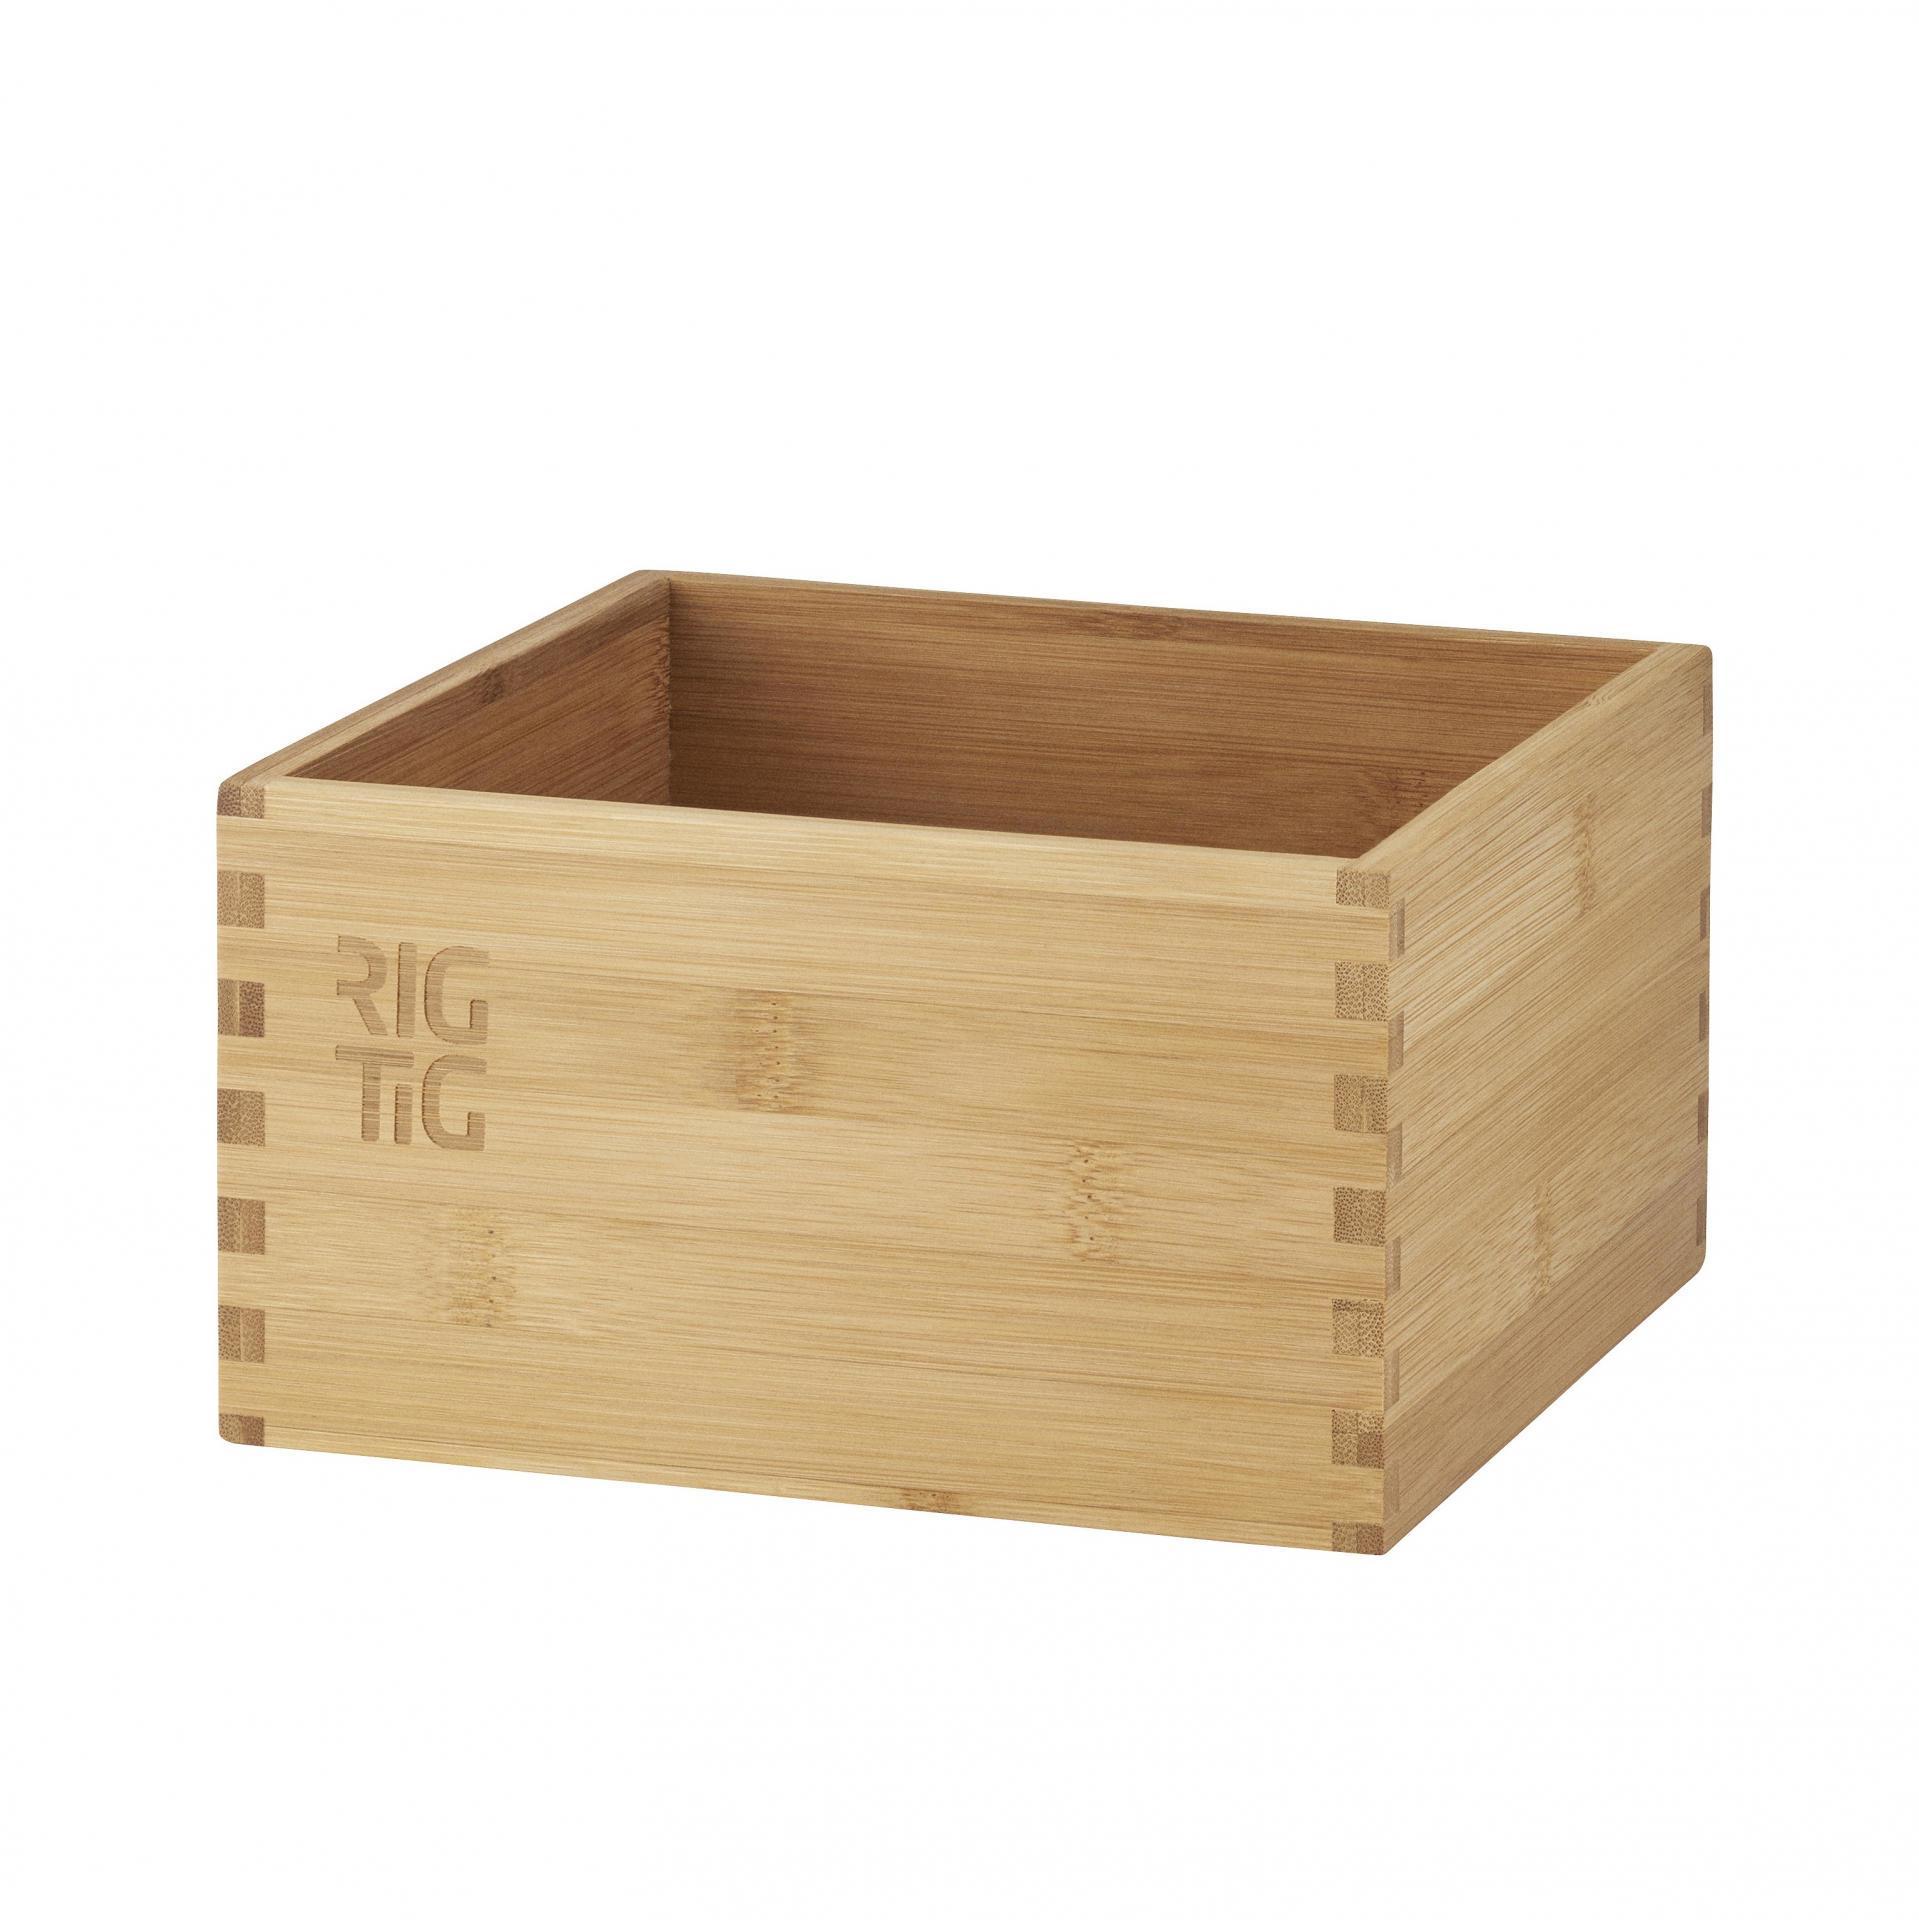 RIG-TIG Bambusový box Woodstock - menší, hnědá barva, přírodní barva, dřevo